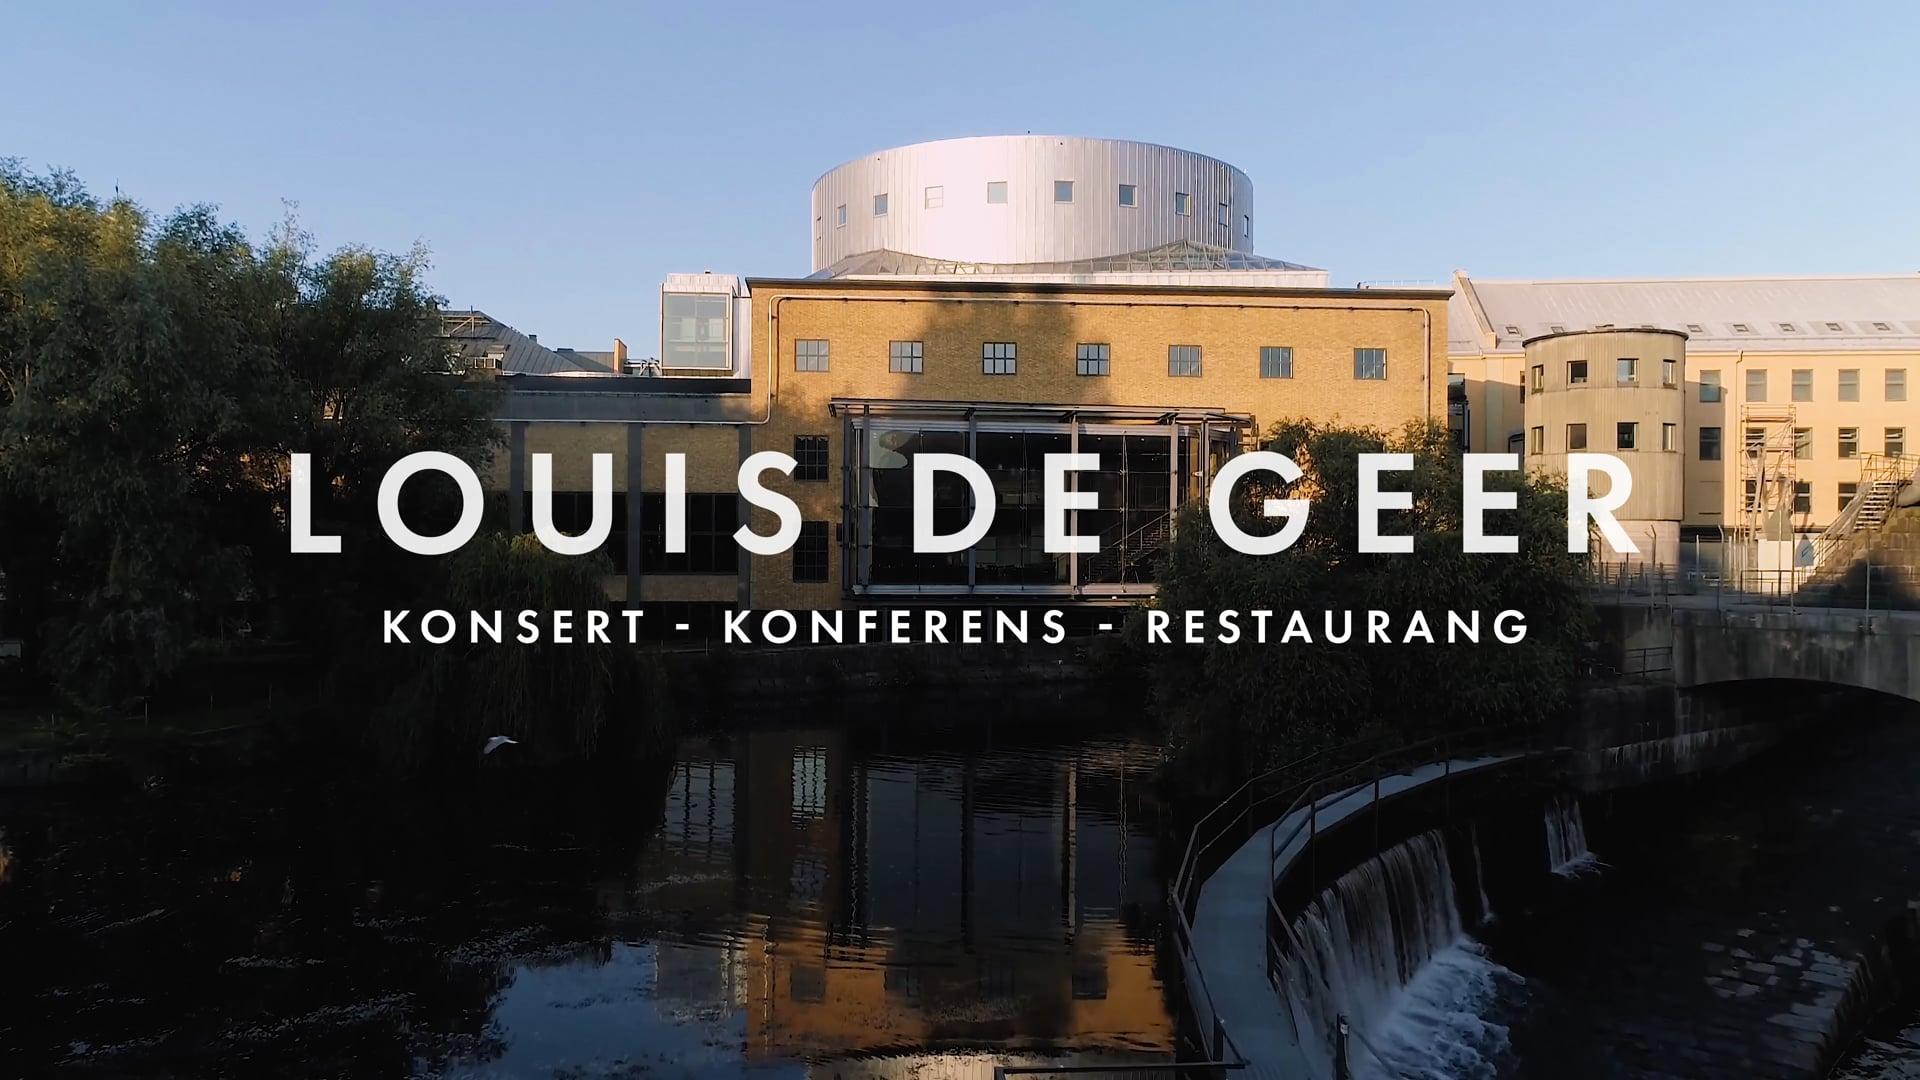 Louis De Geer 4K